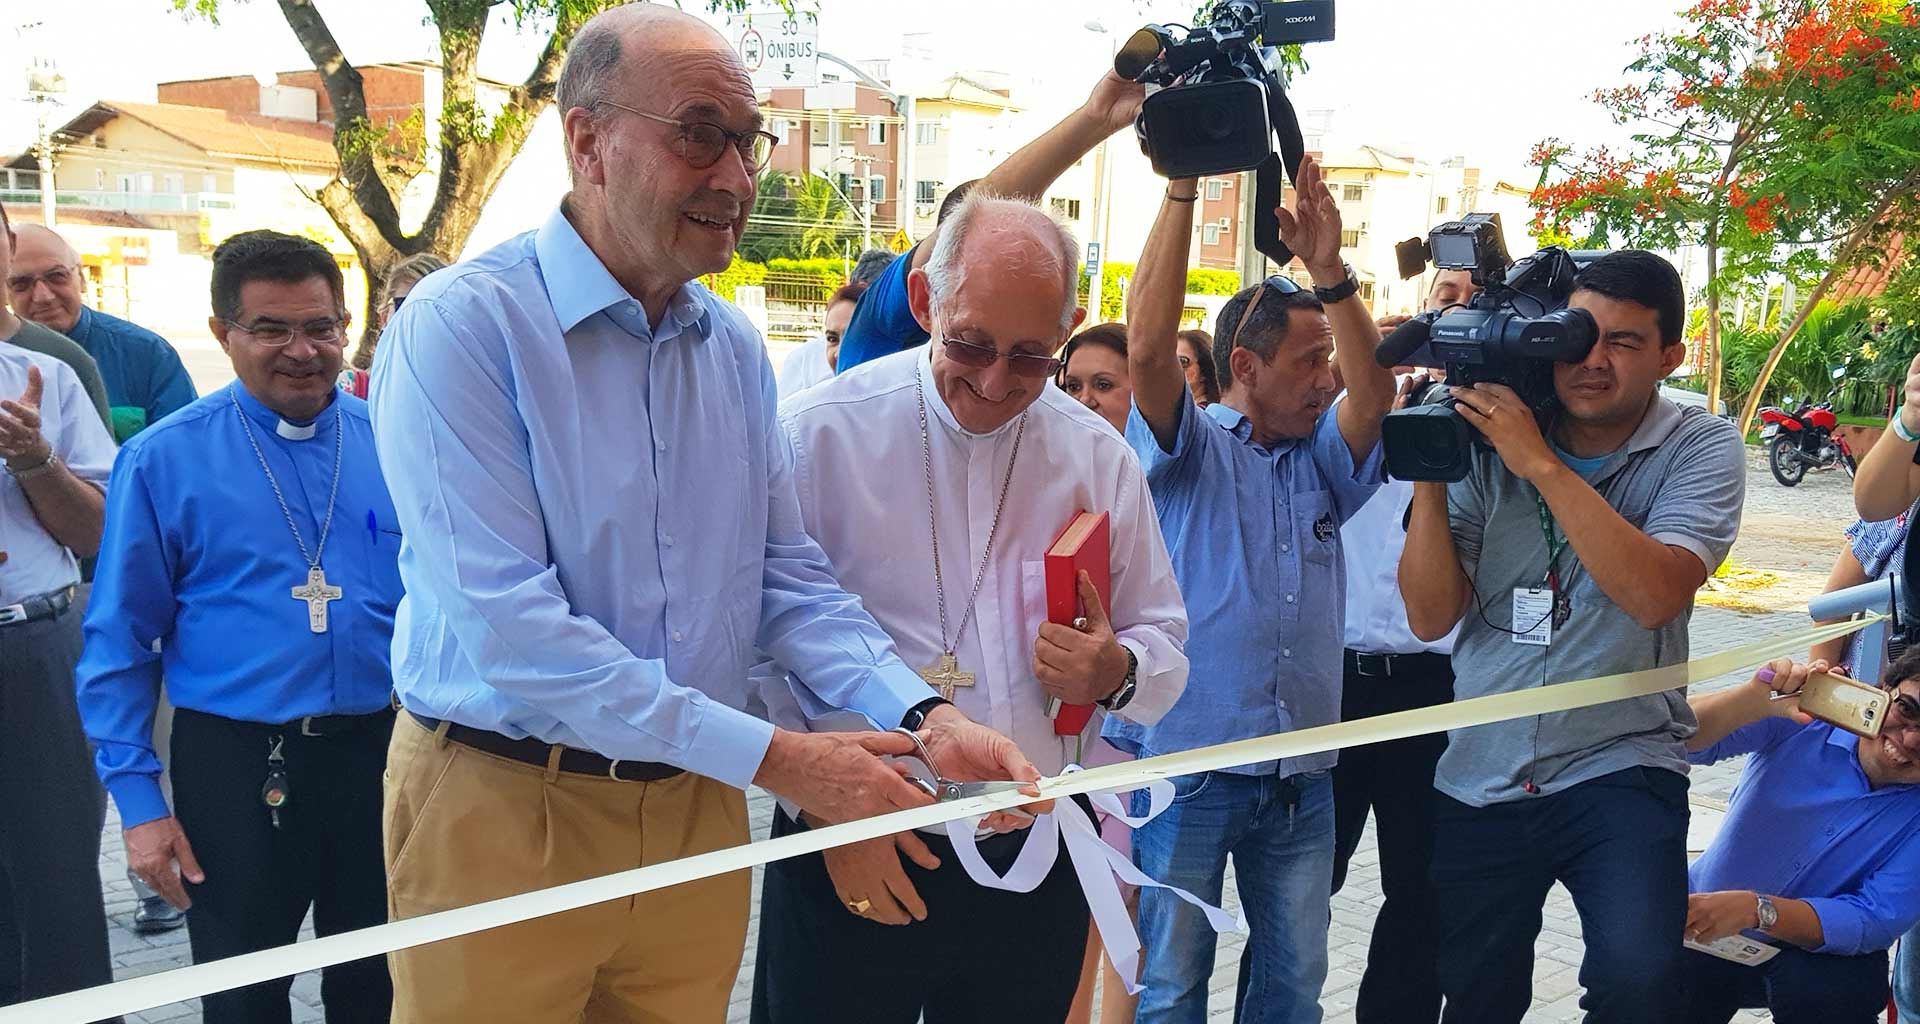 Obra papal inaugurada em Fortaleza, no CEU (Condomínio Espiritual Uirapuru).